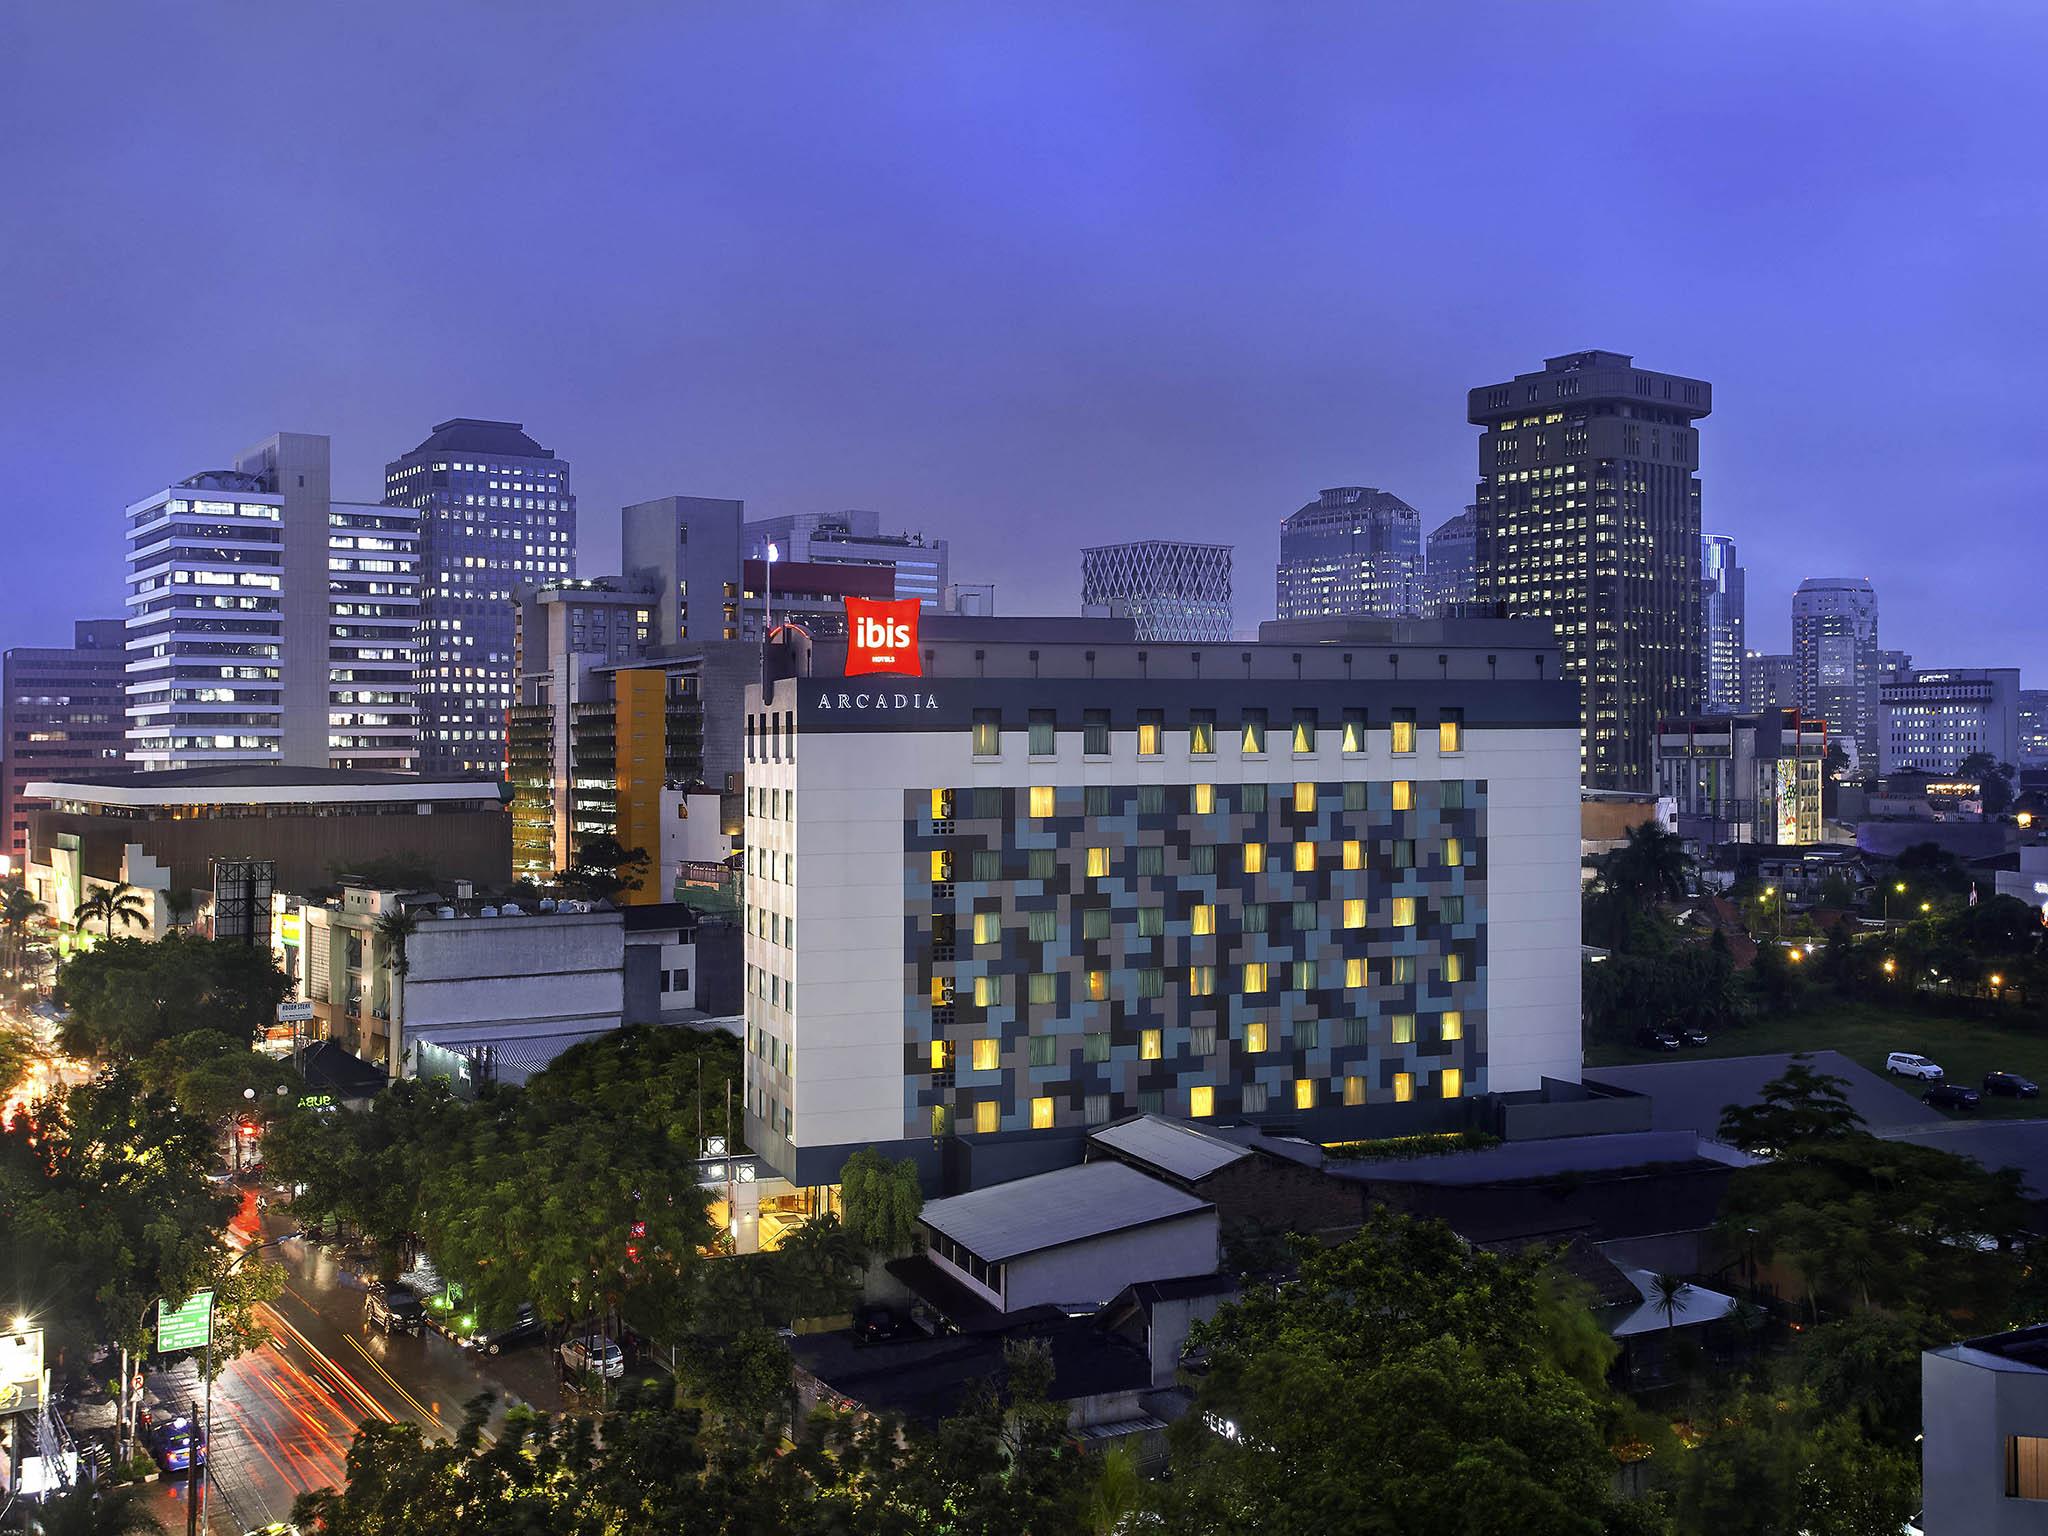 ホテル – イビスジャカルタアルカディア